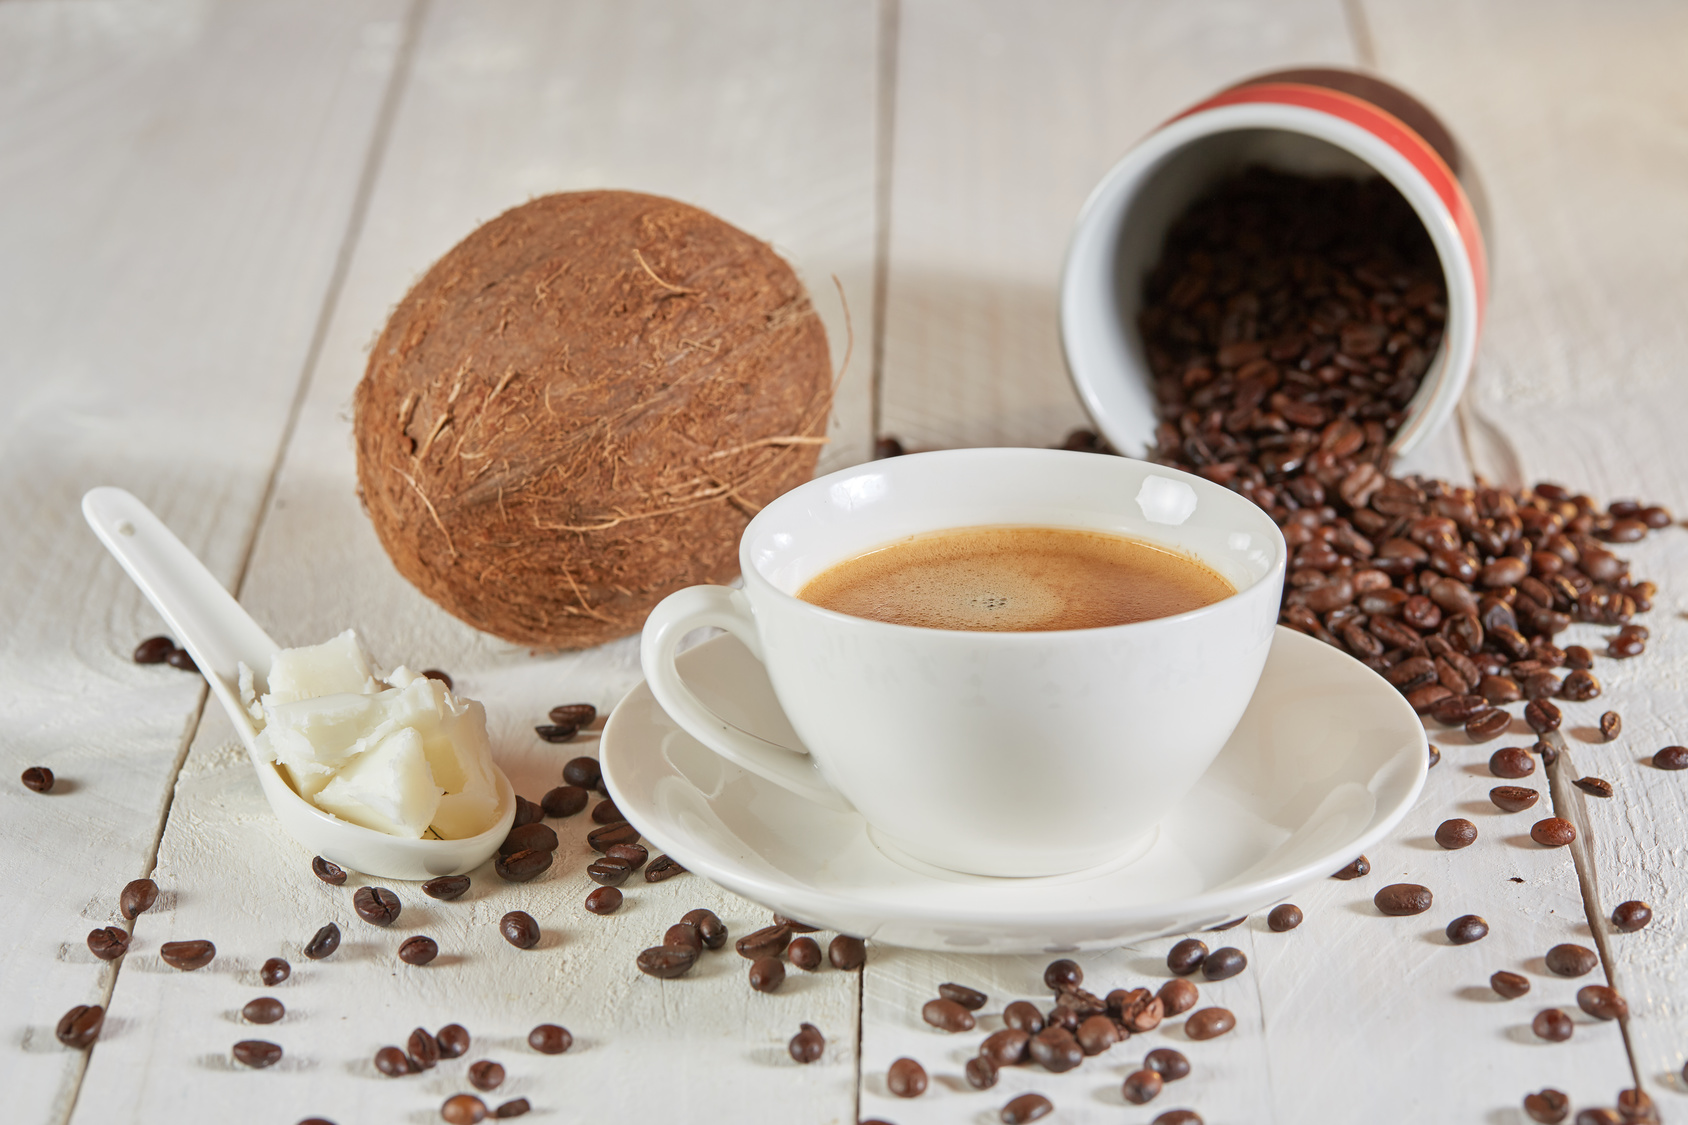 Кофе с кокосовым молоком – 5 рецептов приготовления для дома